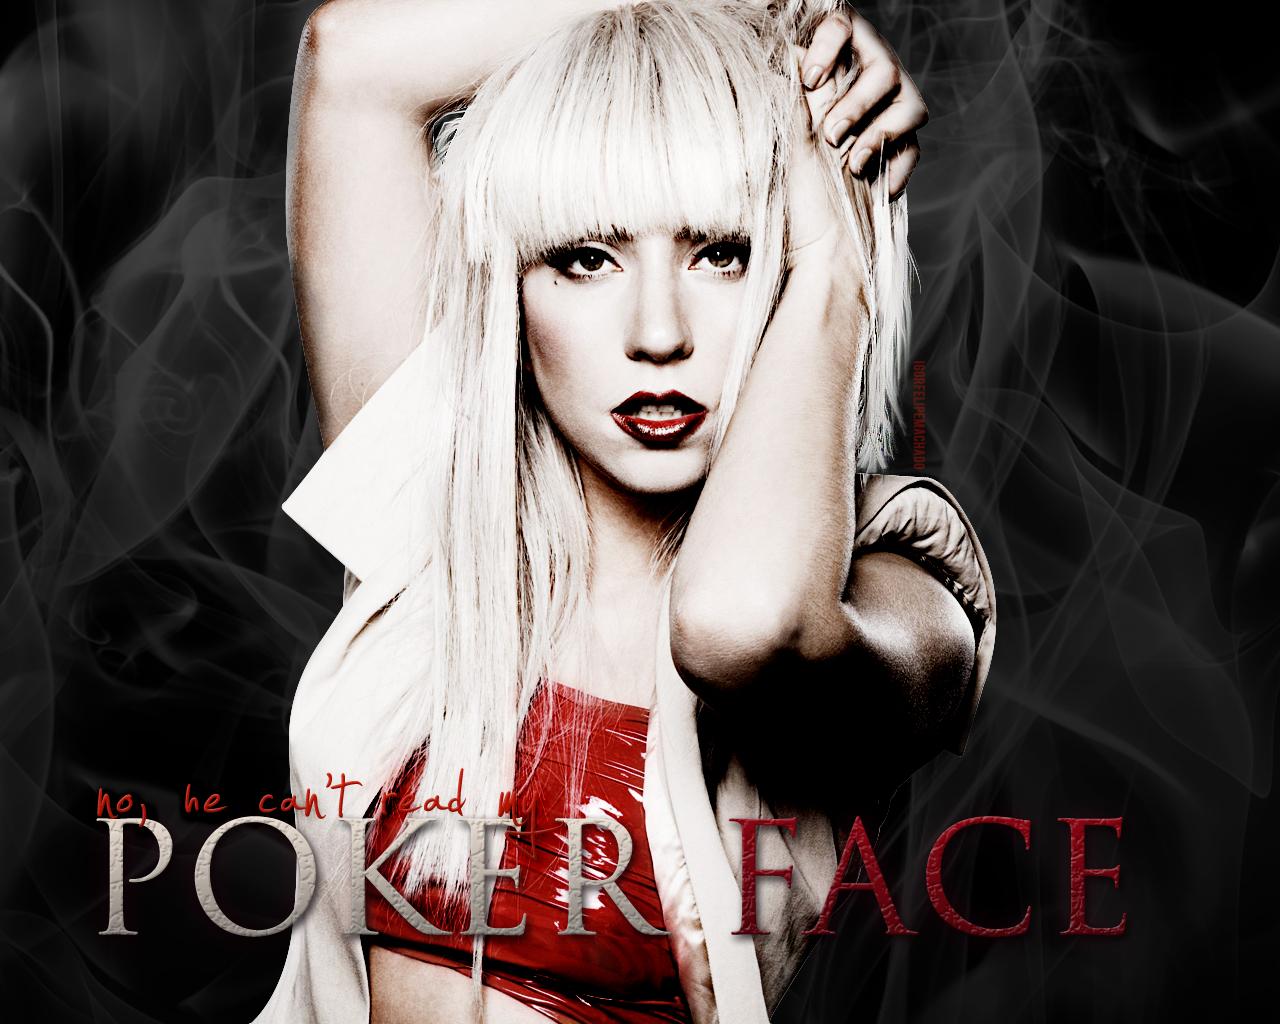 http://3.bp.blogspot.com/-qso4tnYT3lg/UFmaqj63C9I/AAAAAAAADE8/1eDf7guEceY/s1600/Lady-Gaga-Wallpaper-001.jpg